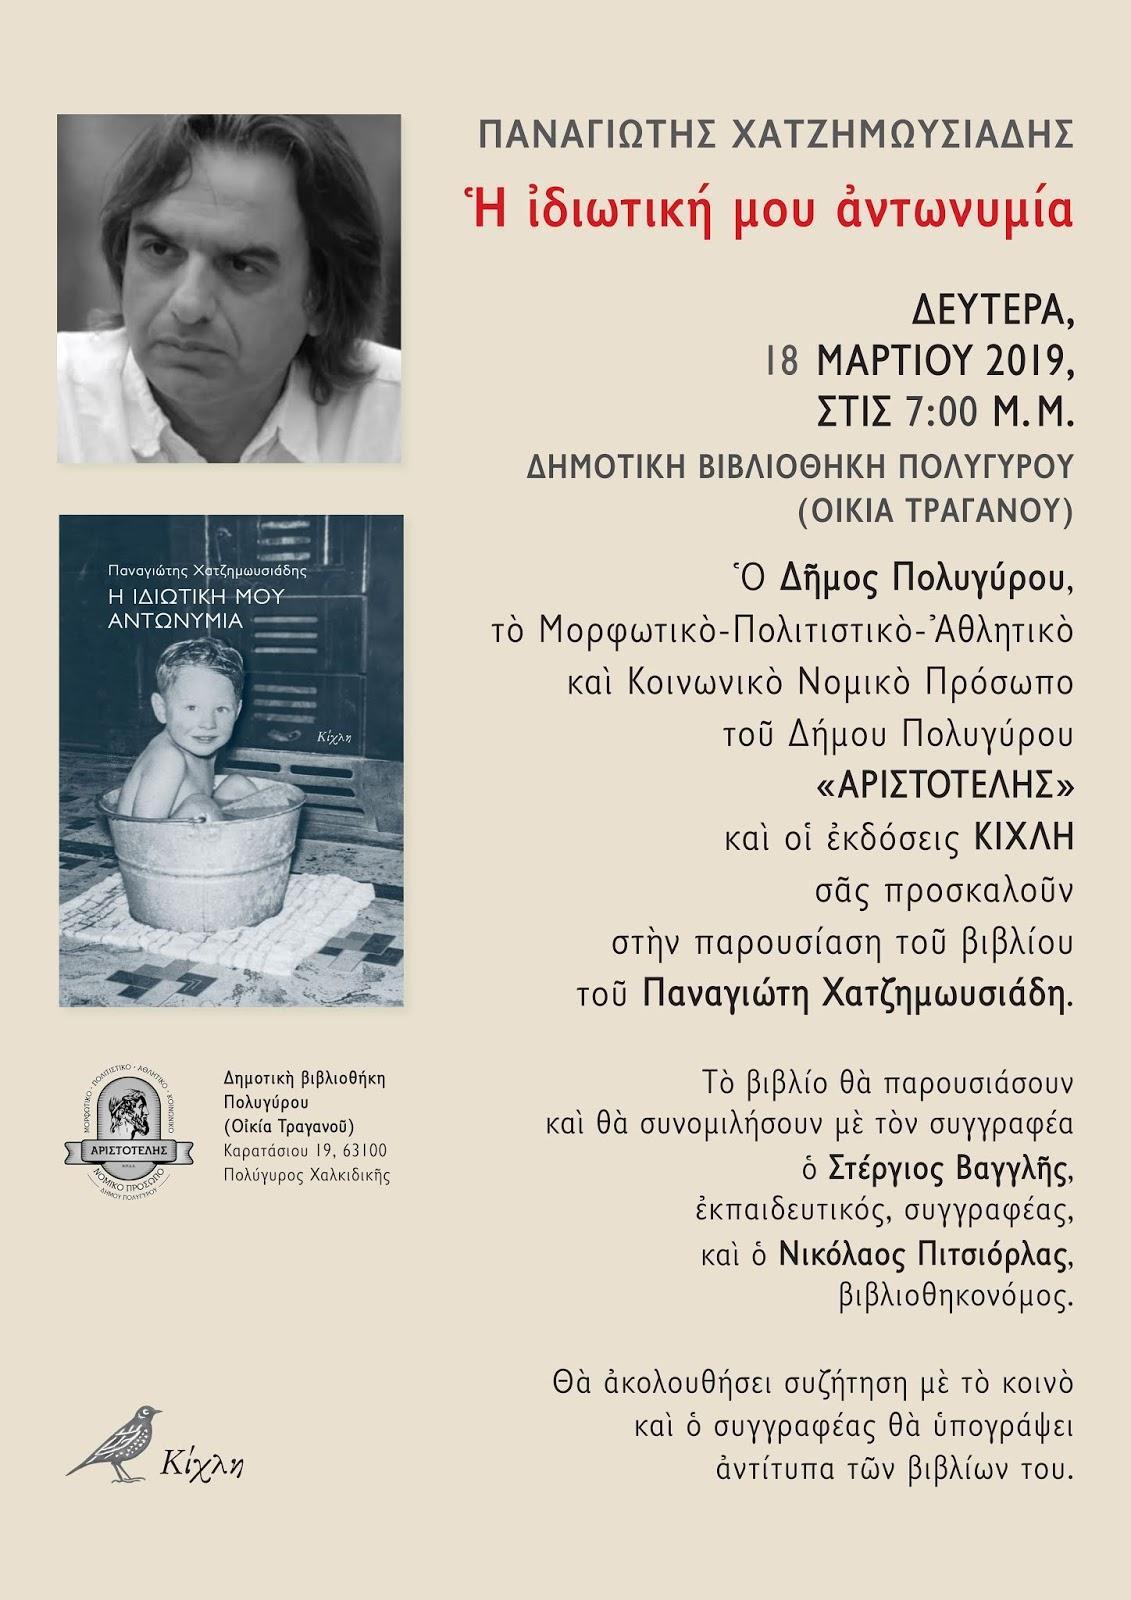 Παρουσίαση του βιβλίου του Παναγιώτη Χατζημωυσιάδη    «Η ιδιωτική μου αντωνυμία»